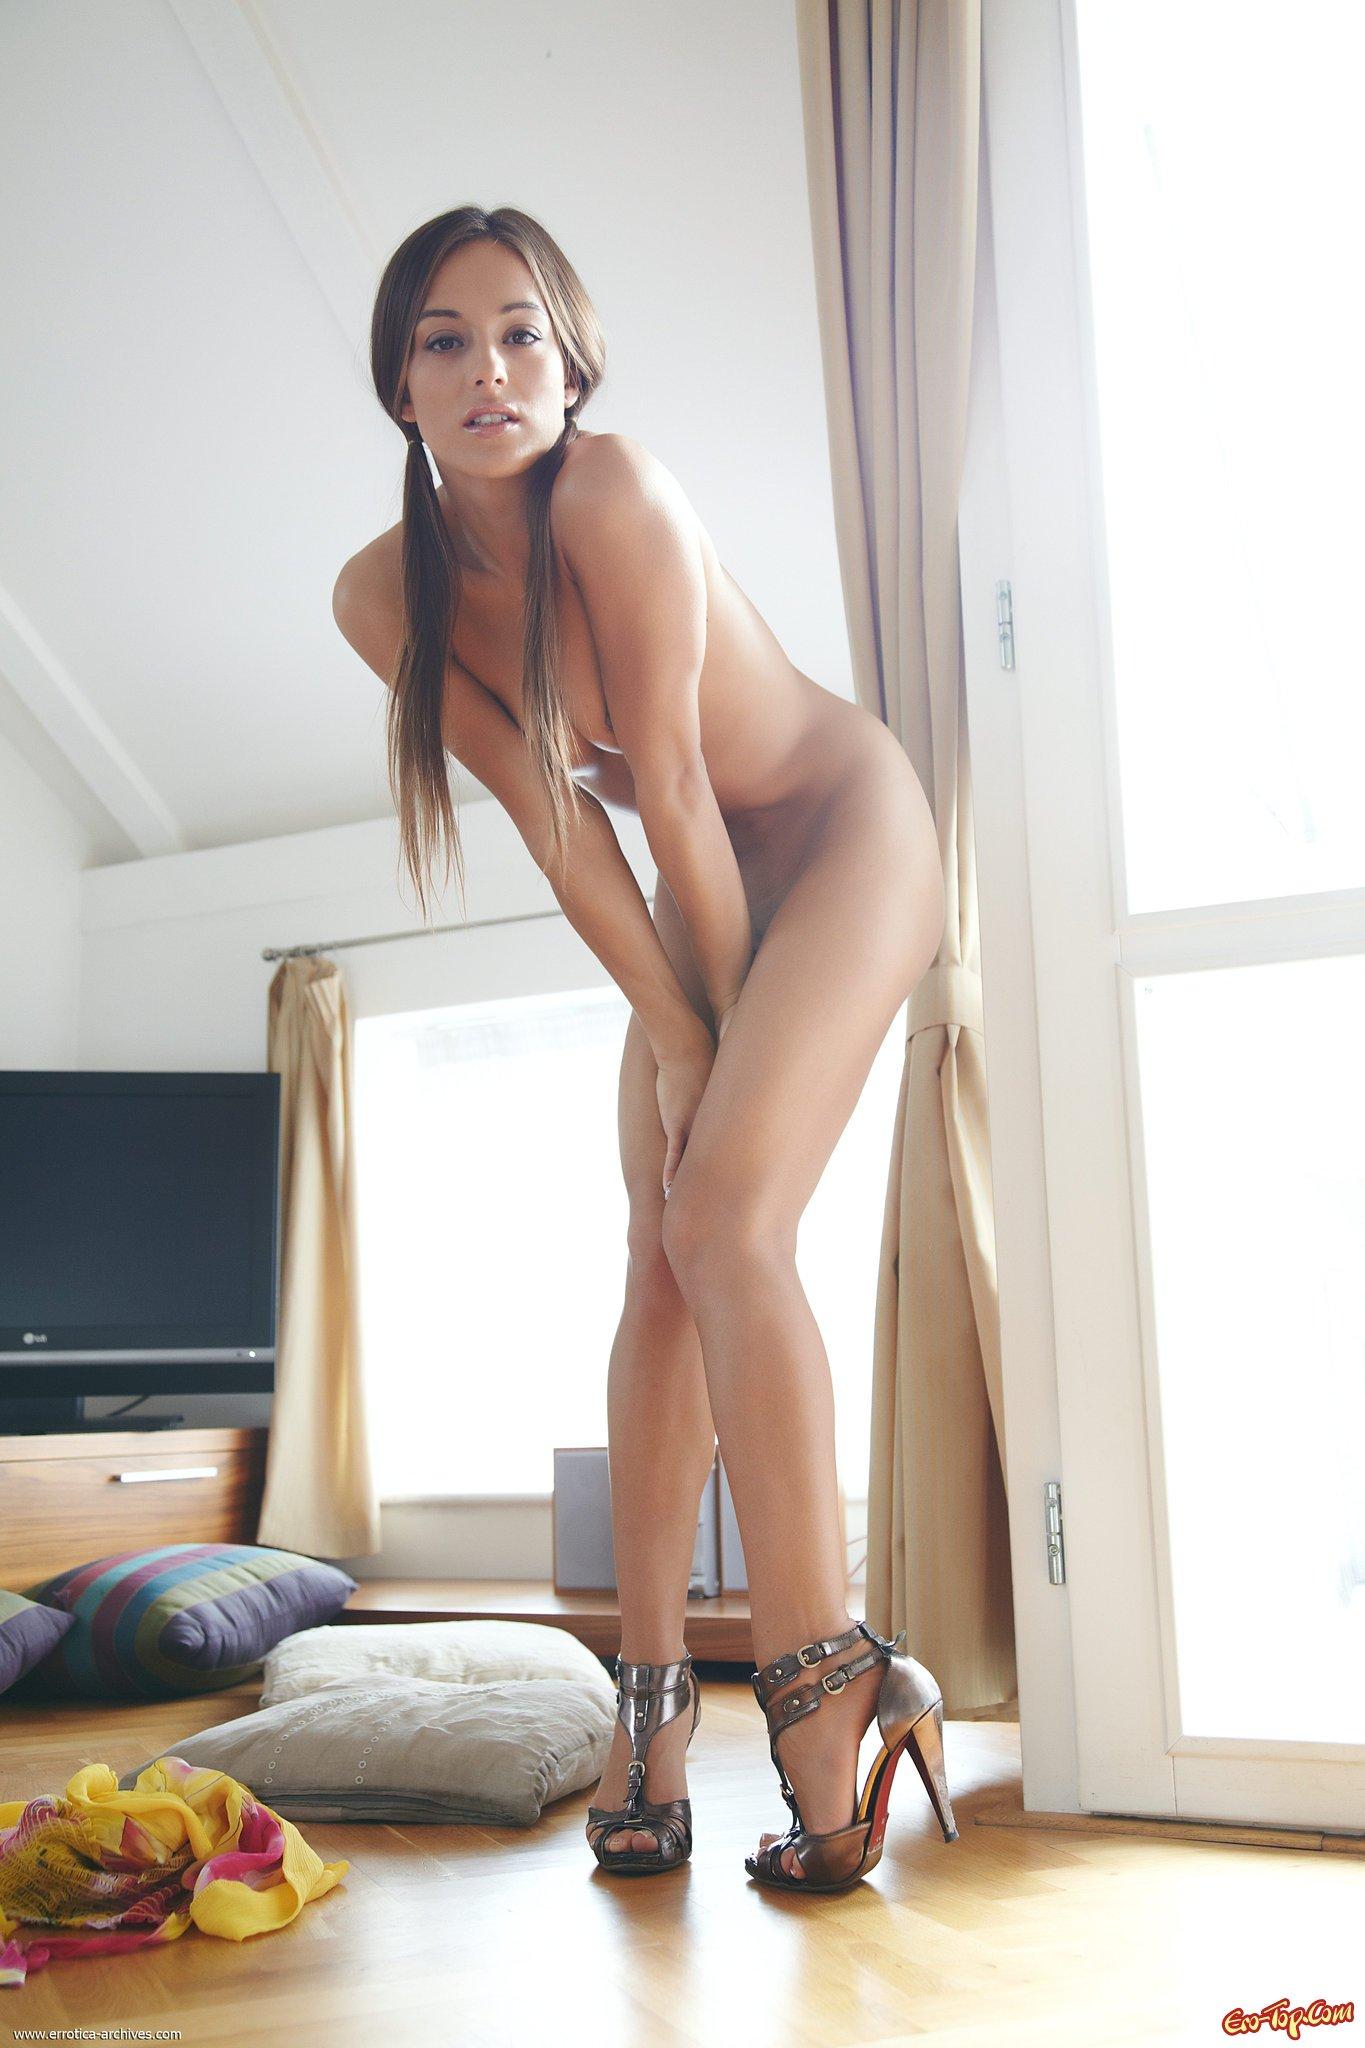 Клитор фото - женщины с большим клитором крупным планом